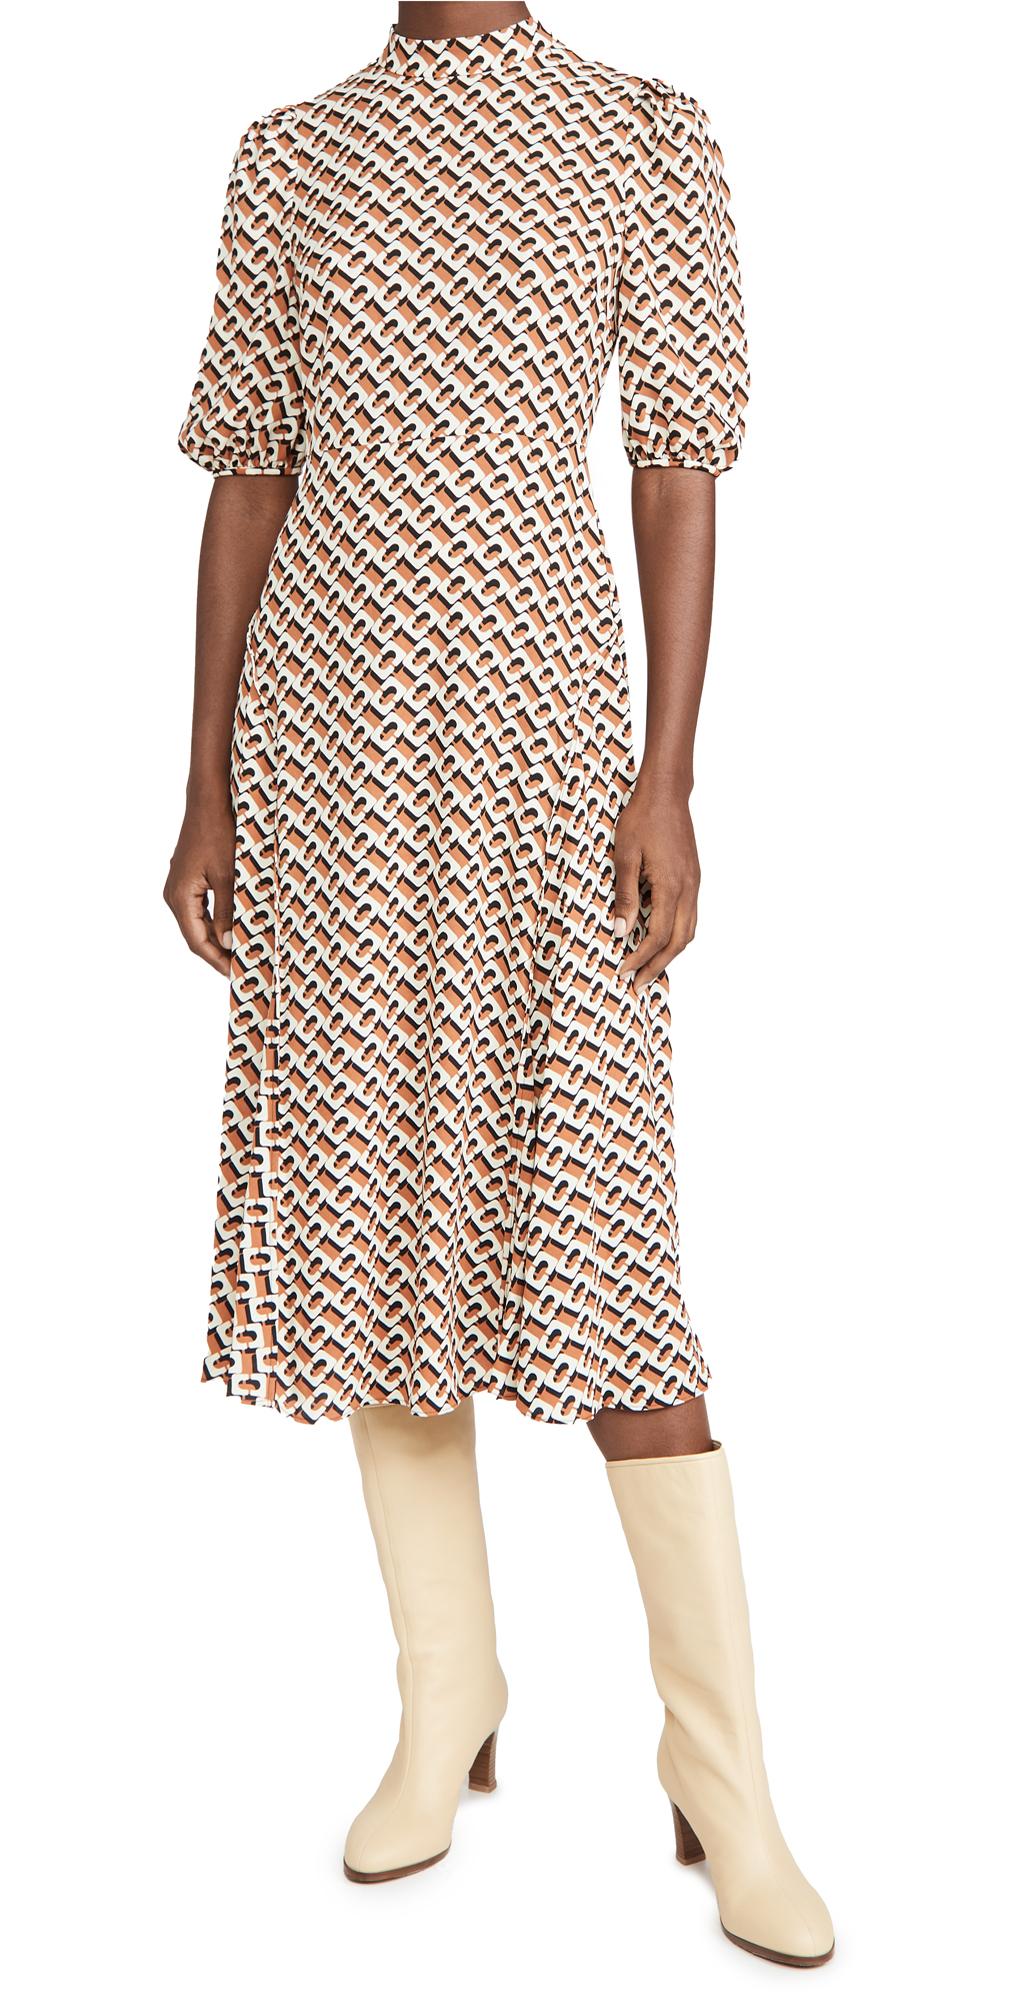 Diane von Furstenberg Nella Dress